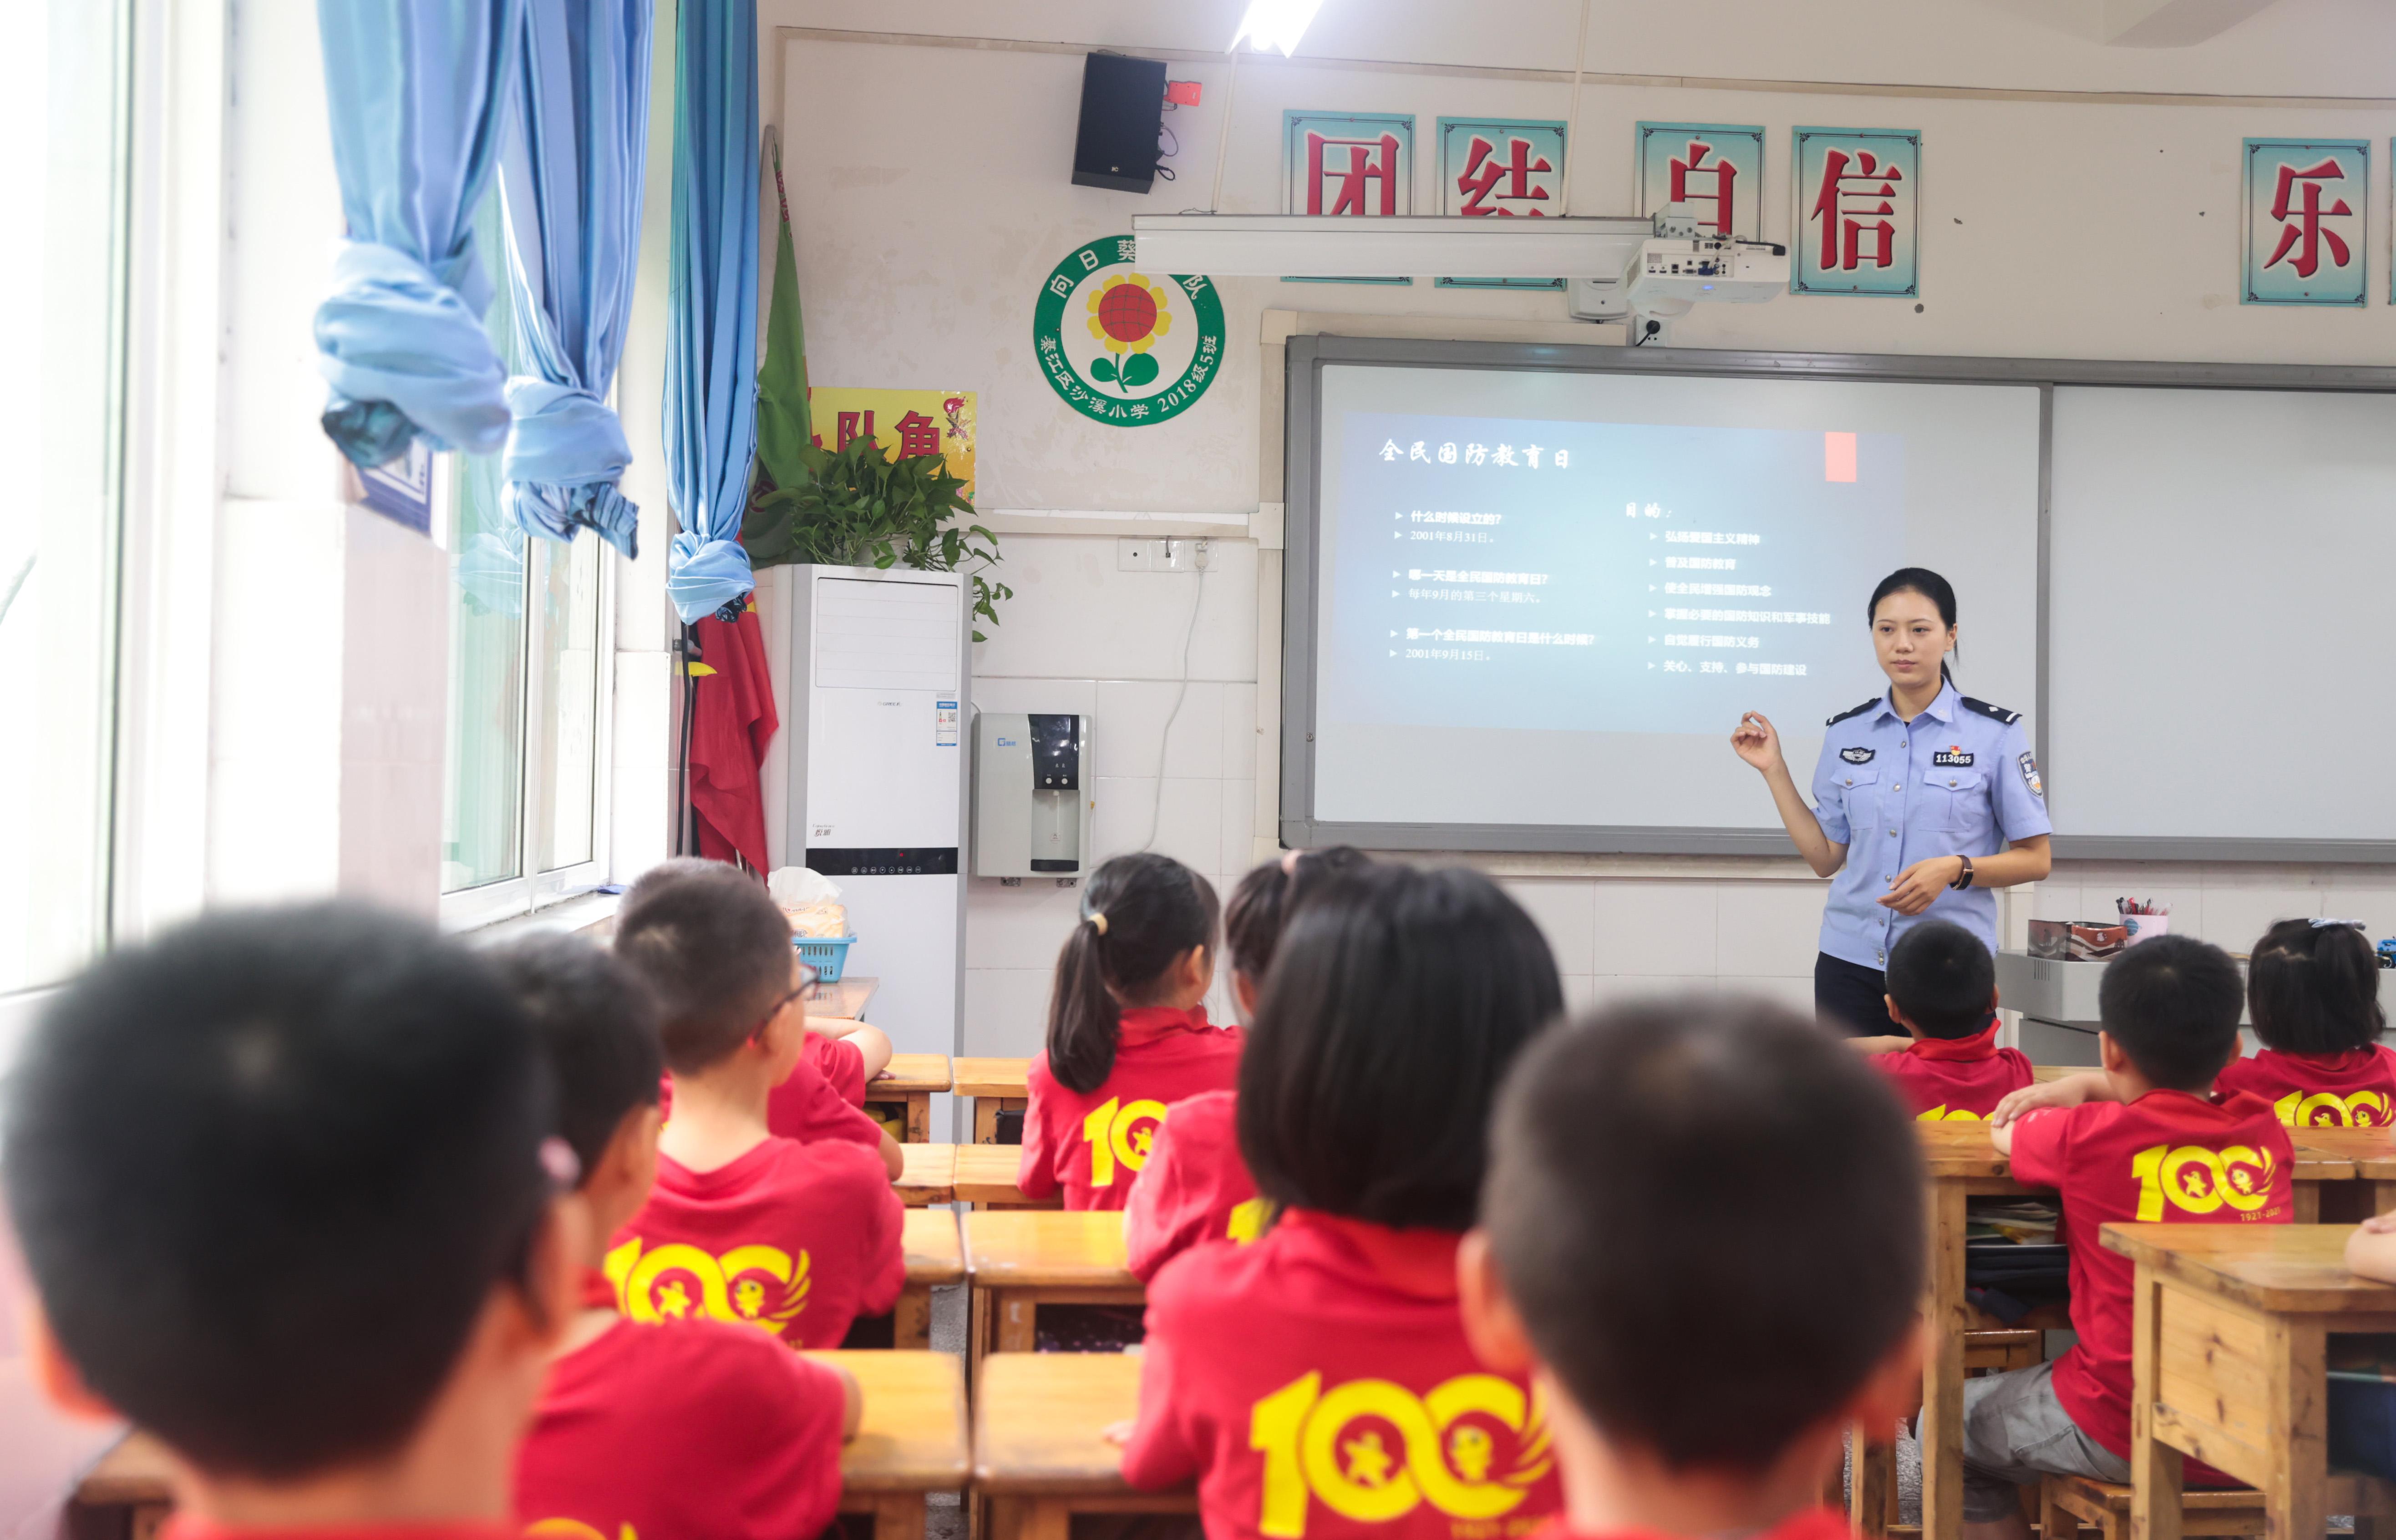 9月18日,民警向学习介绍全民国防教育日.jpg